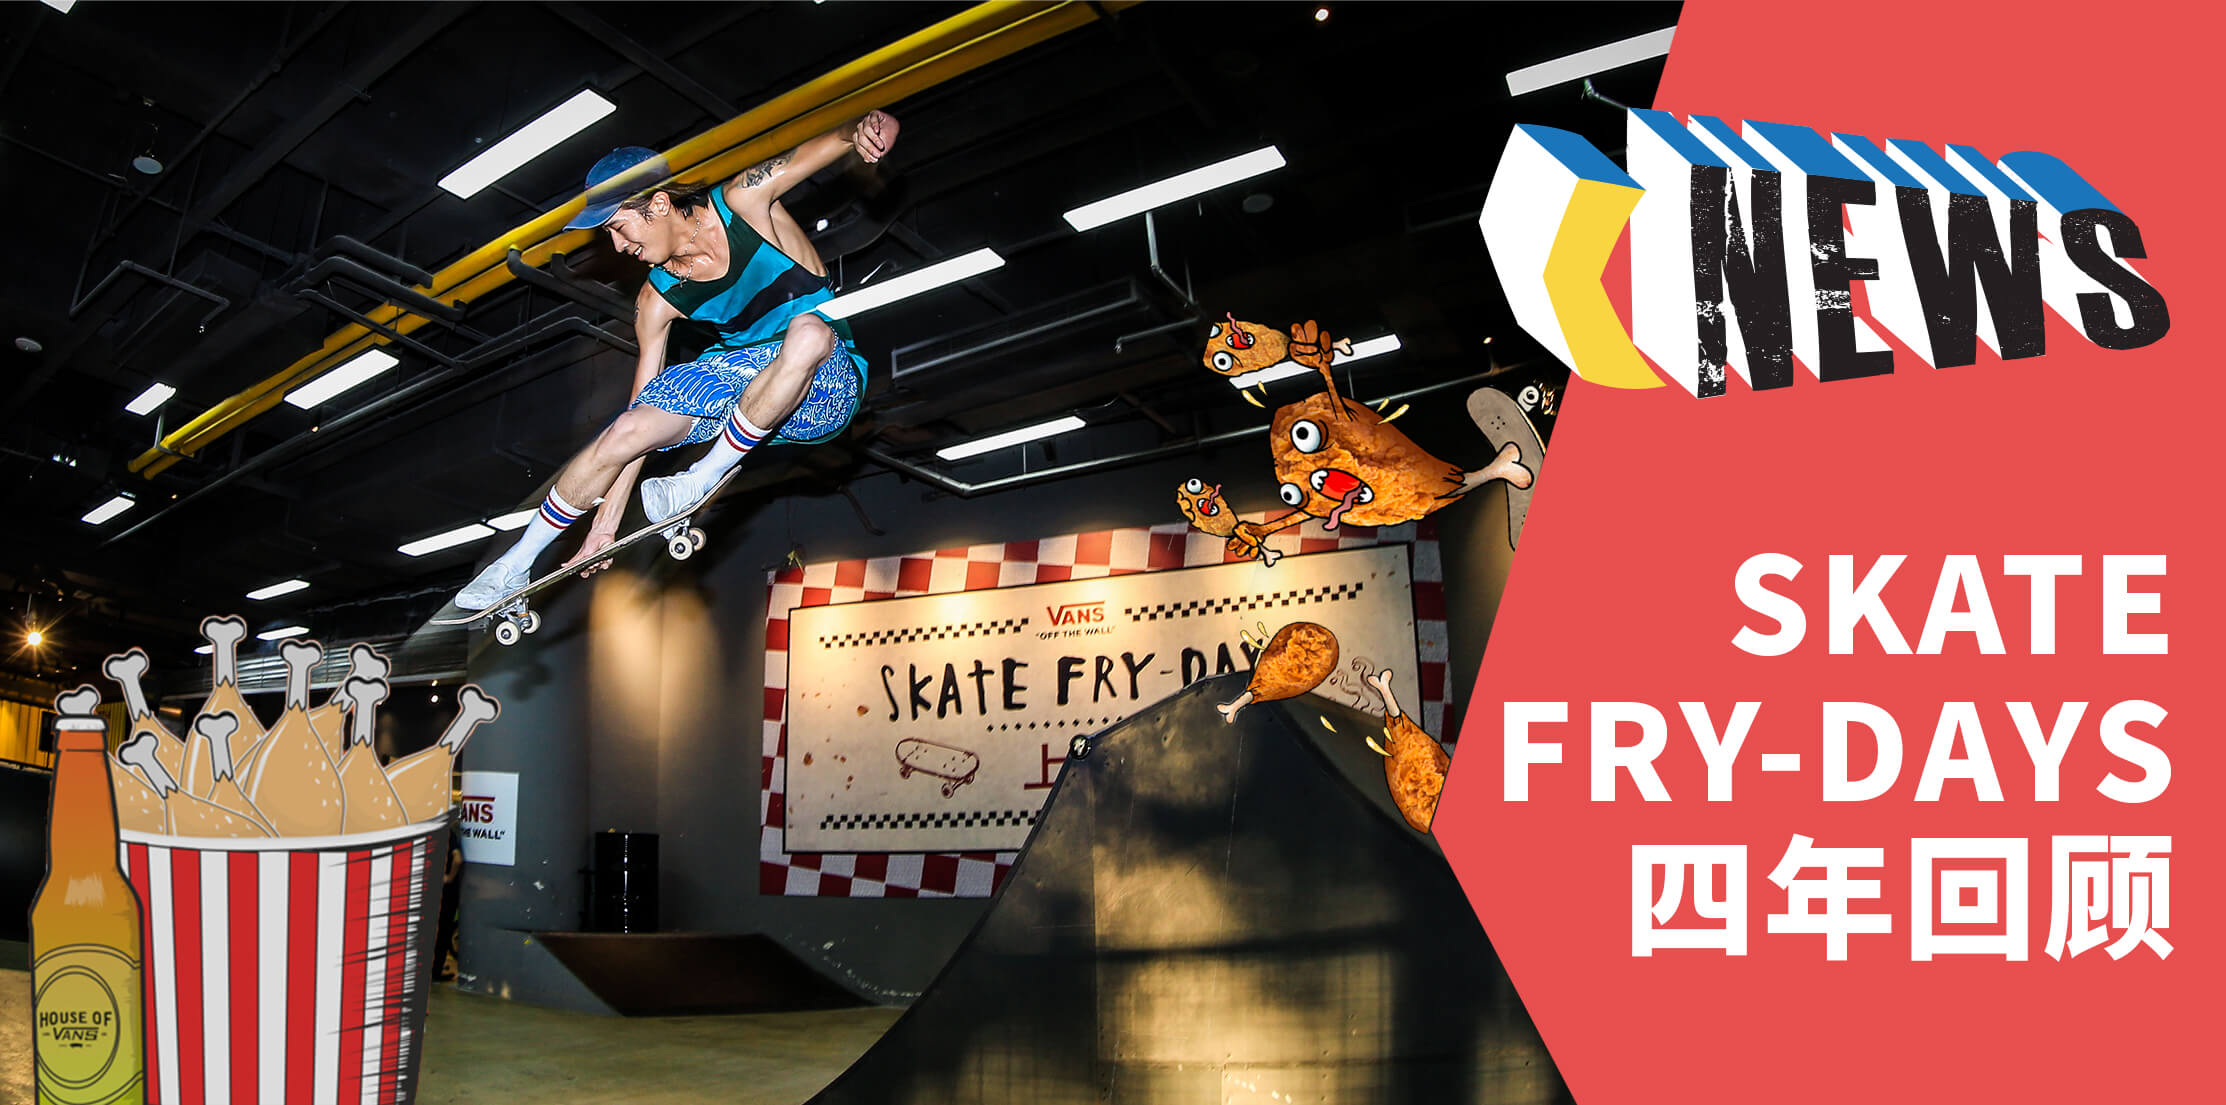 炸鸡,啤酒,滑板 – 飞说不可 Skate Fry-Days 这四年